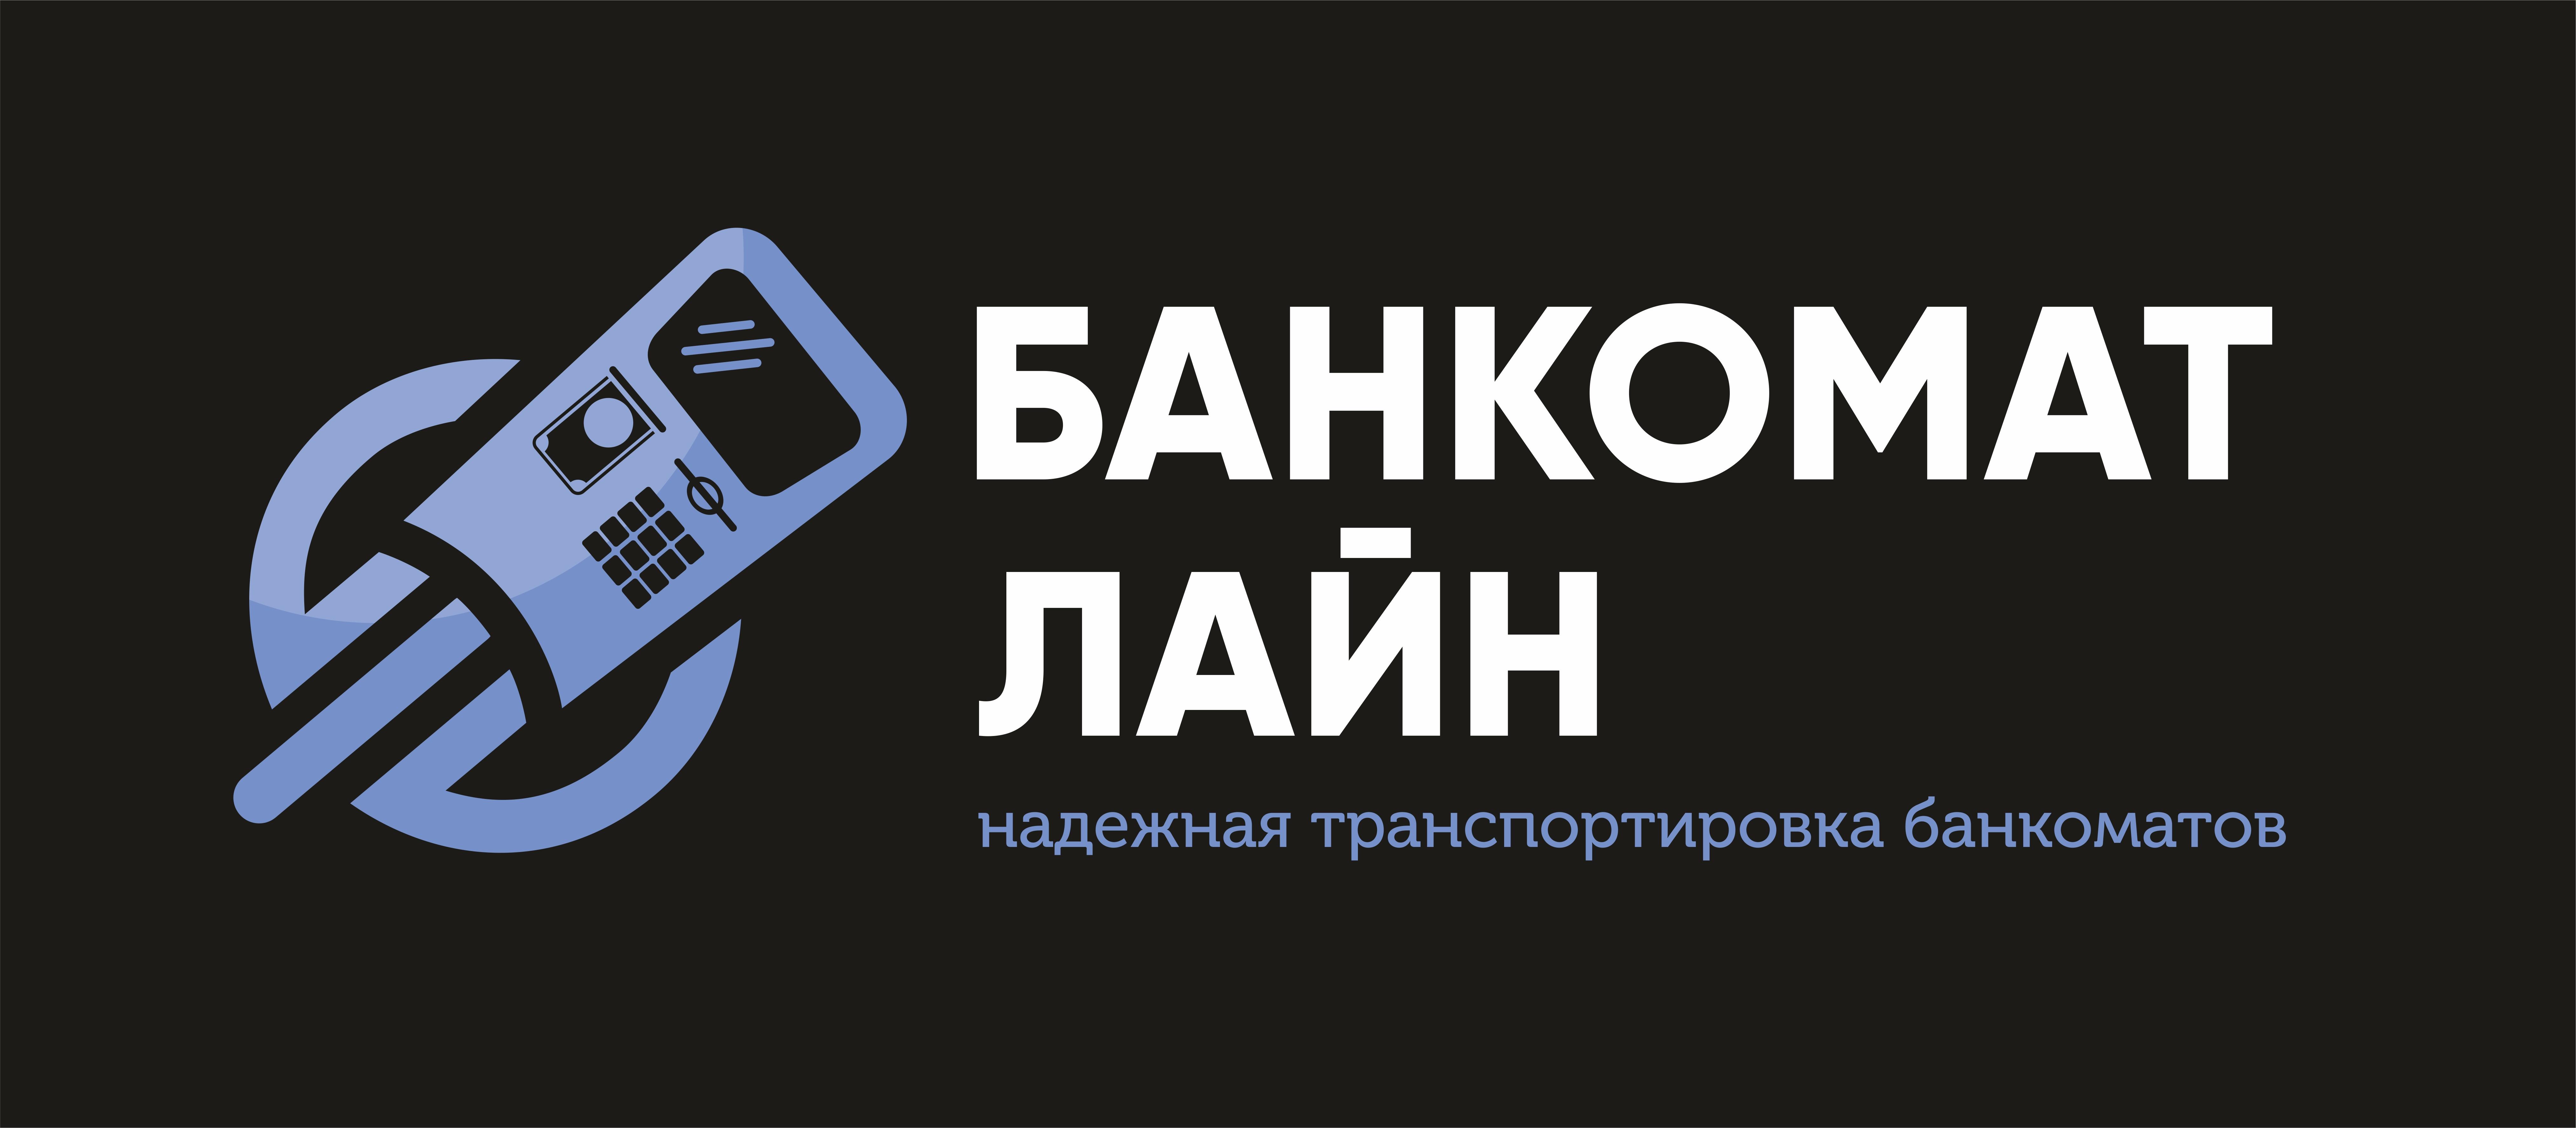 Разработка логотипа и слогана для транспортной компании фото f_1645877a46dab1c2.jpg